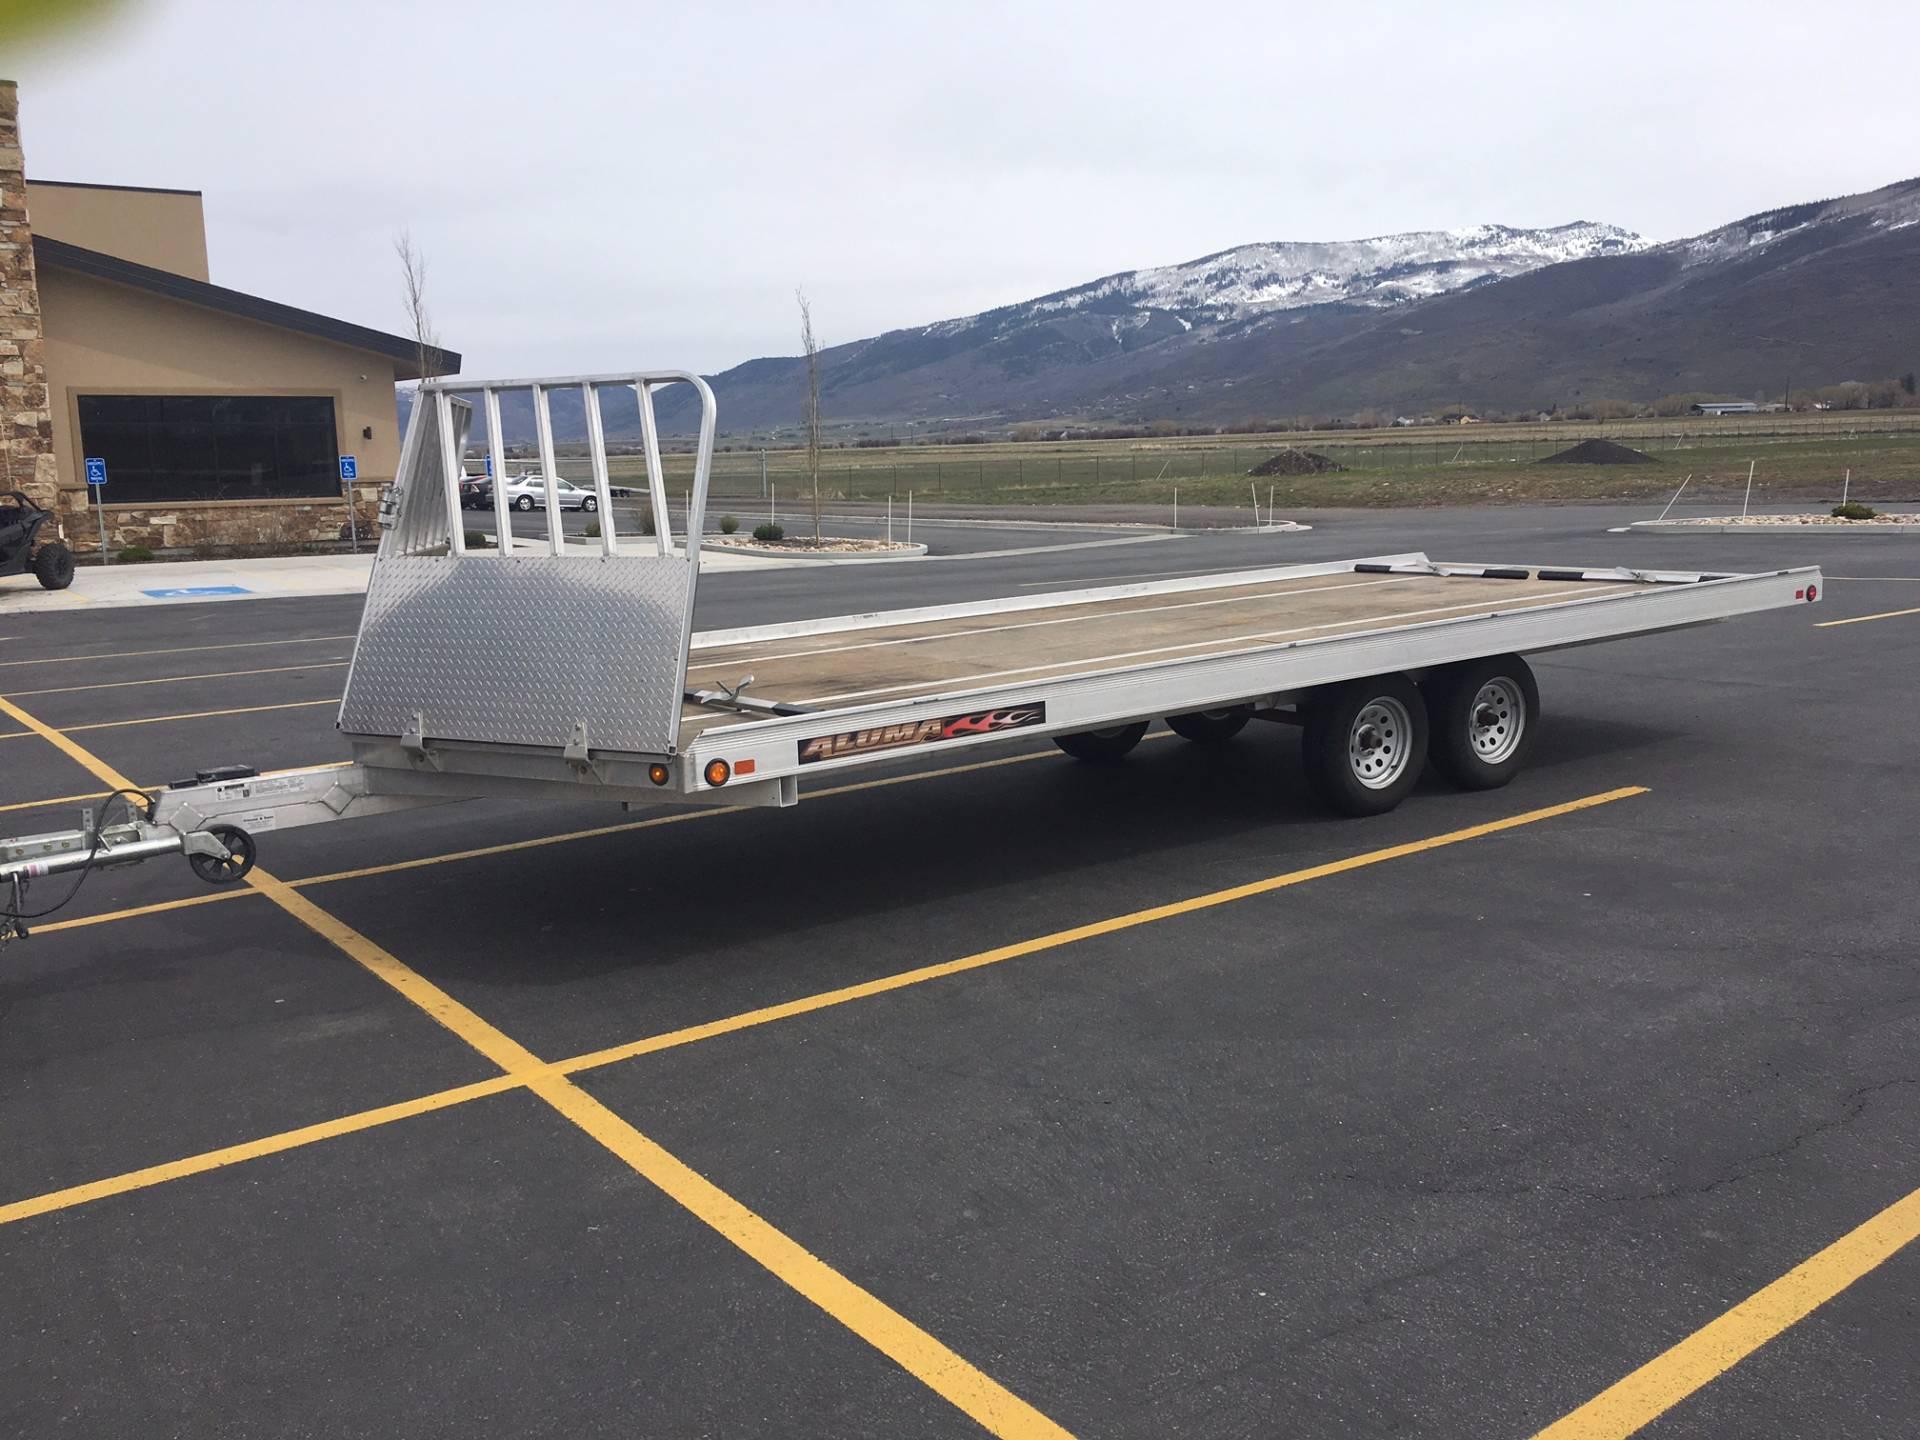 2012 ALUMA Snowmobile Trailer in Kamas, Utah